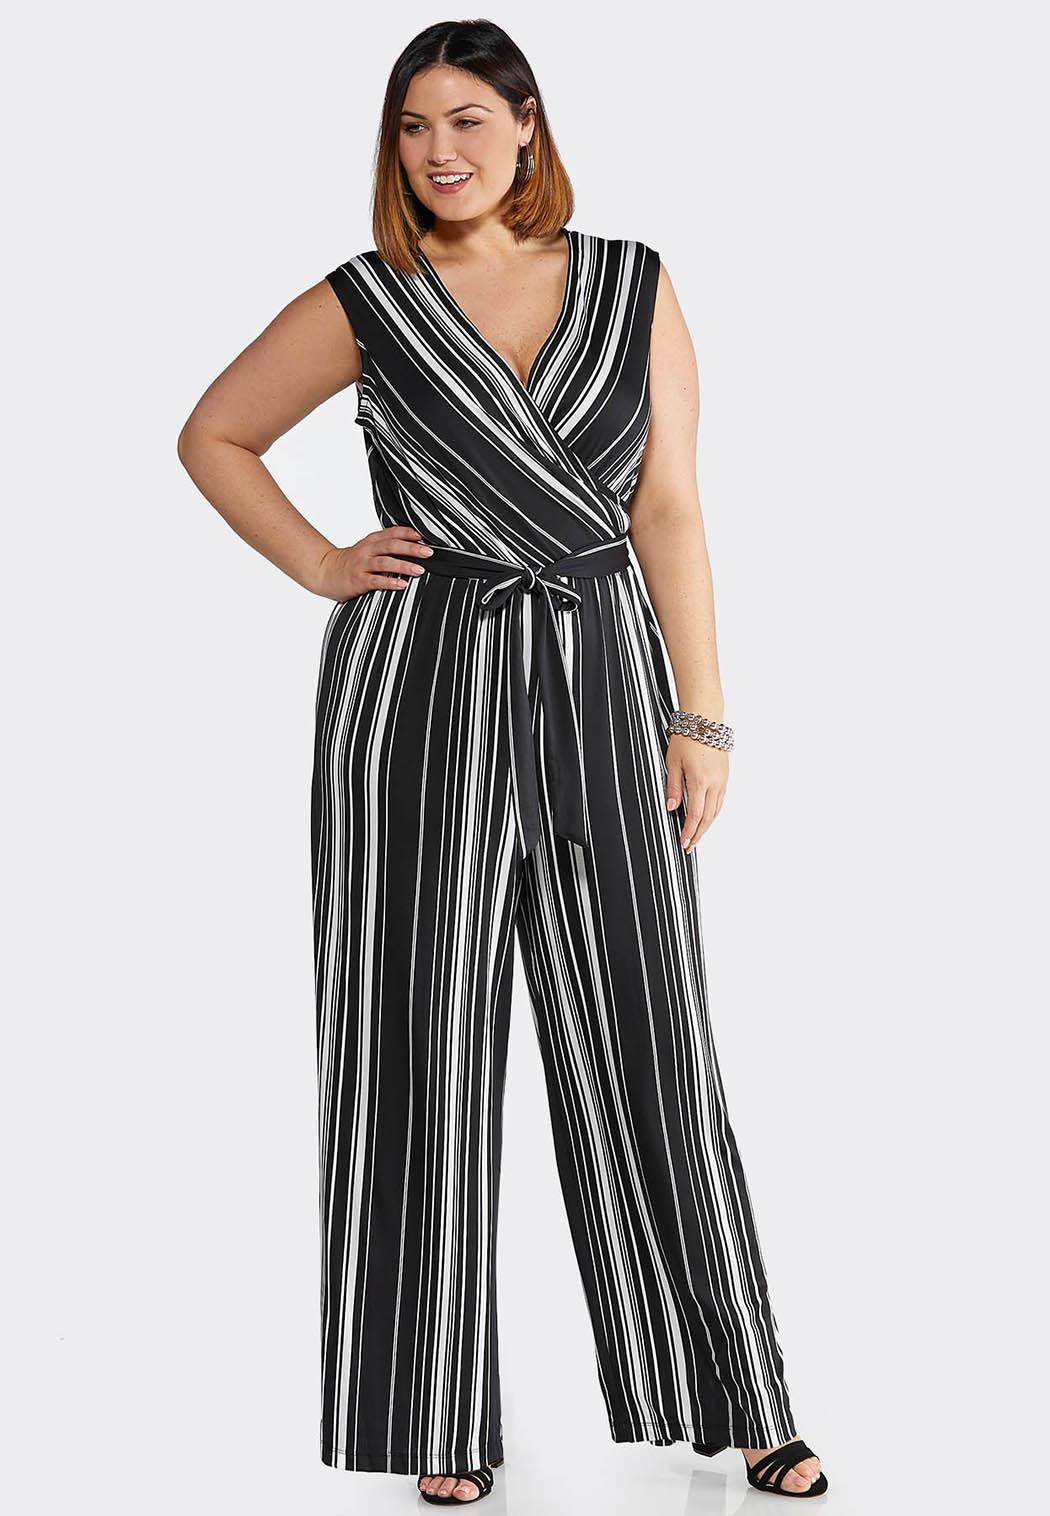 c2c02f52d77 Plus Size Black Stripe Tie Waist Jumpsuit Dresses Cato Fashions